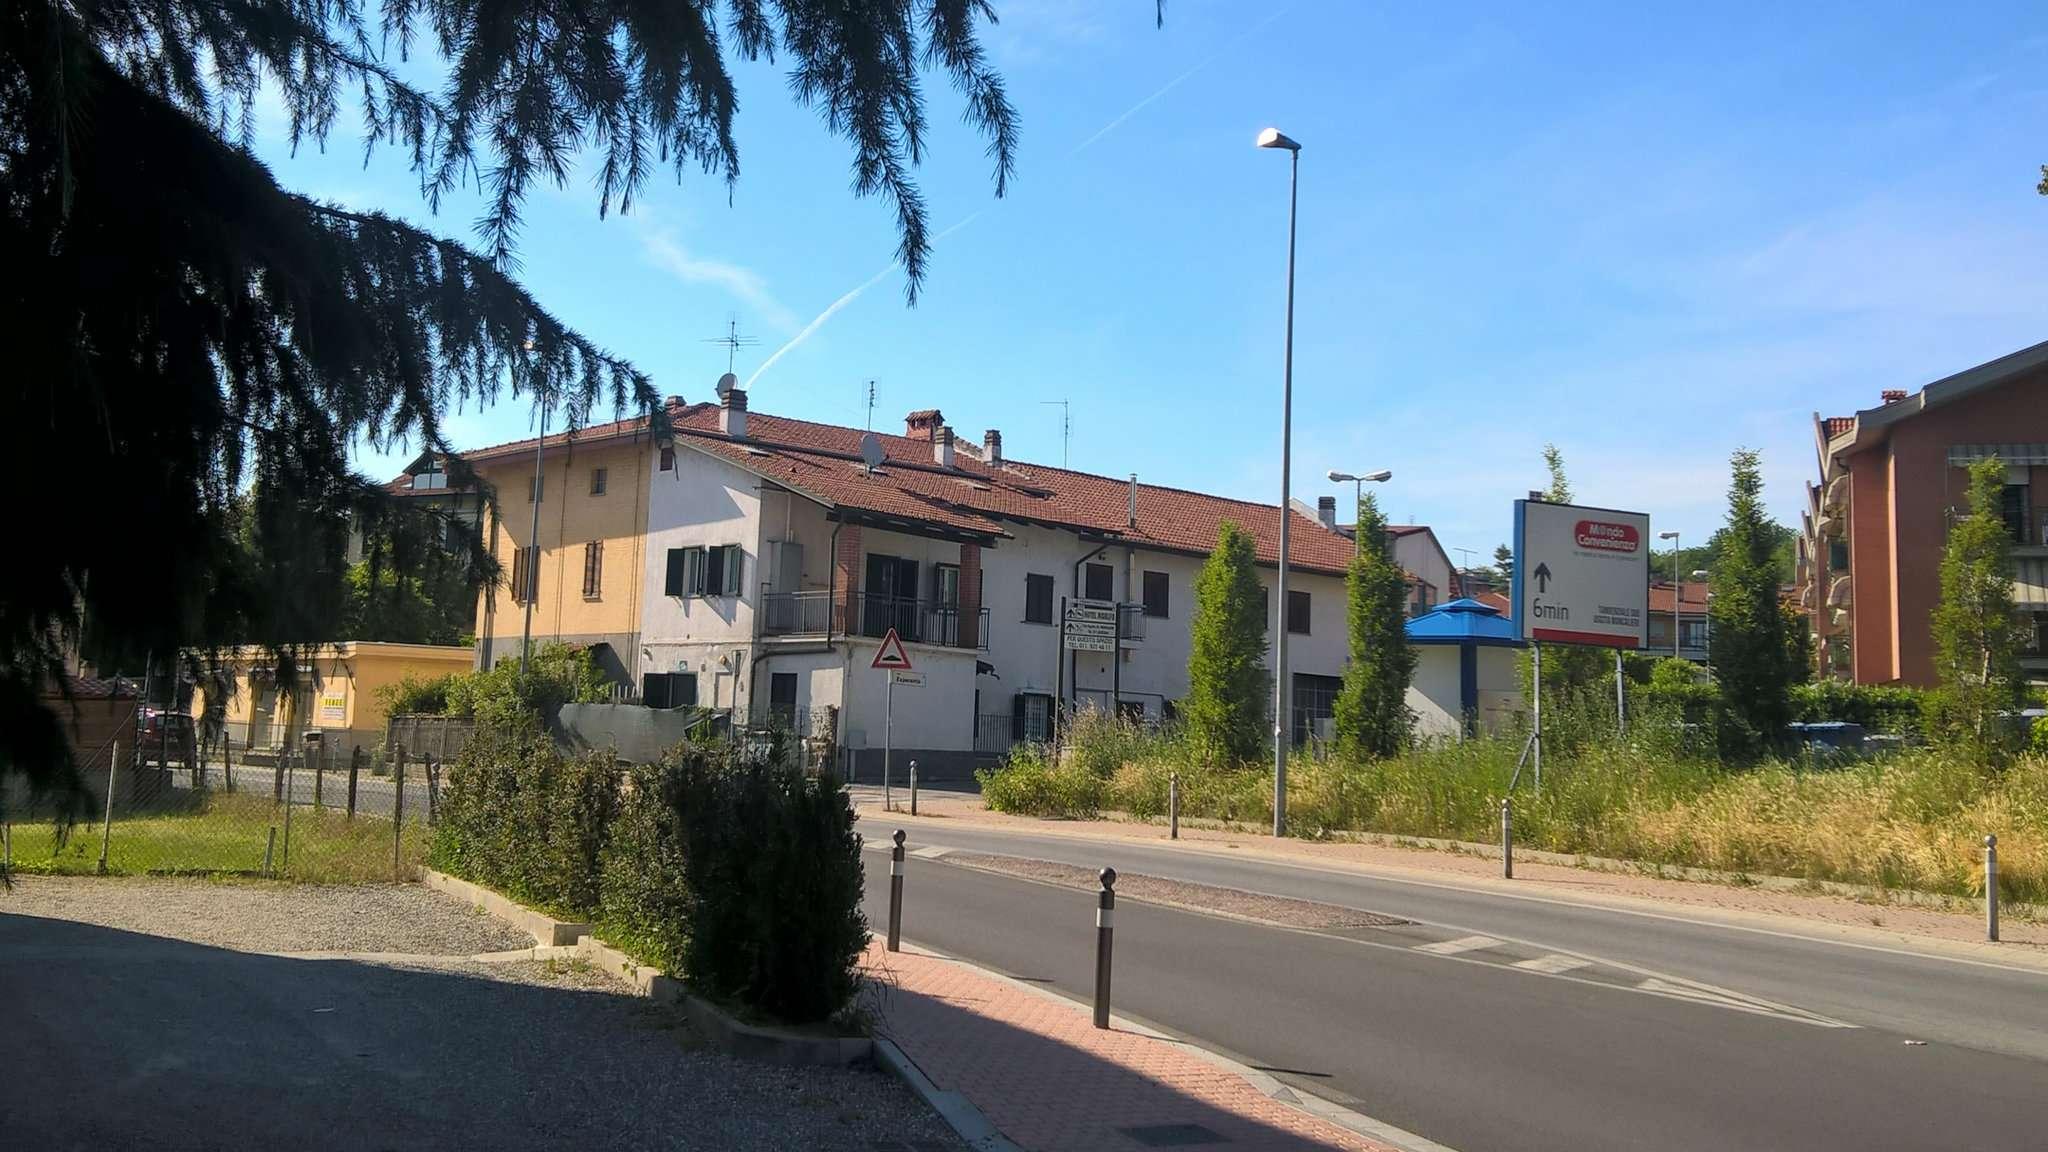 Soluzione Indipendente in vendita a Trofarello, 5 locali, prezzo € 185.000 | CambioCasa.it